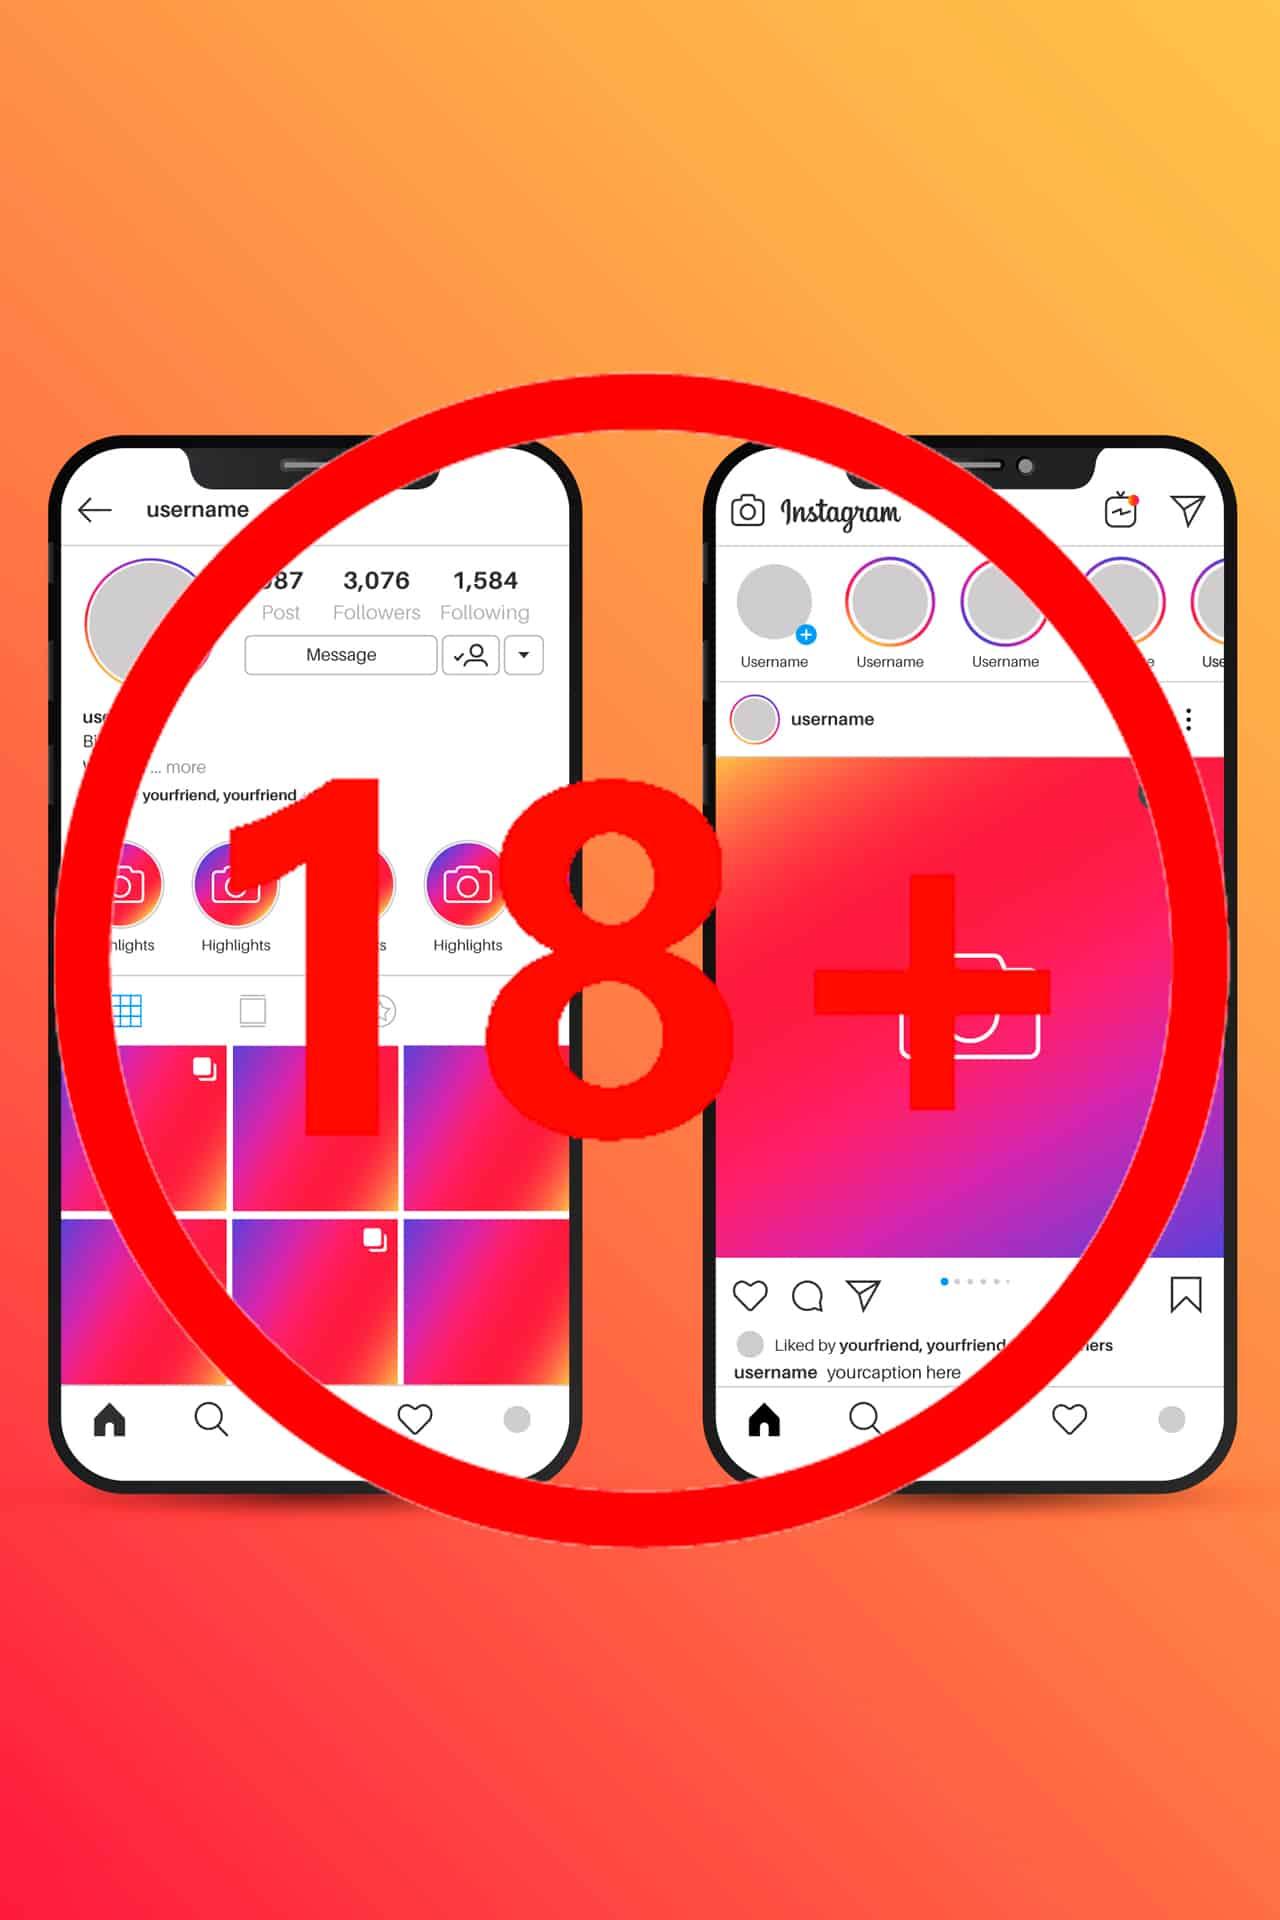 Instagram introduce nuove restrizioni sull'età per gli account business e creator